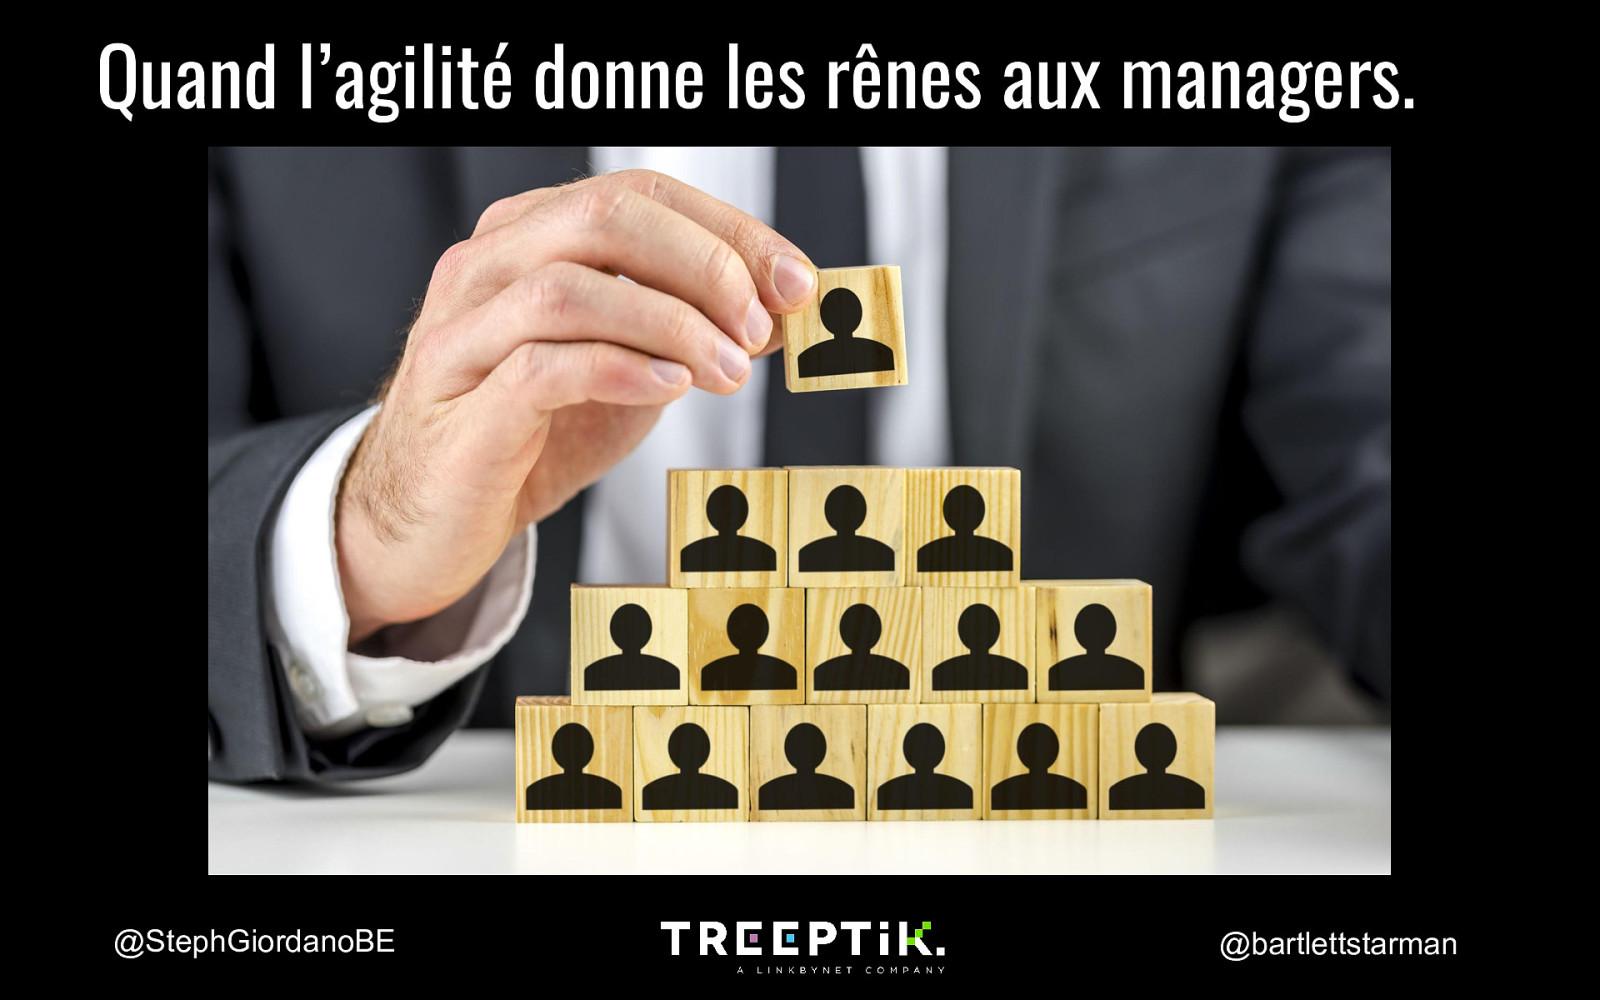 Quand l'agilité donne les rênes aux managers